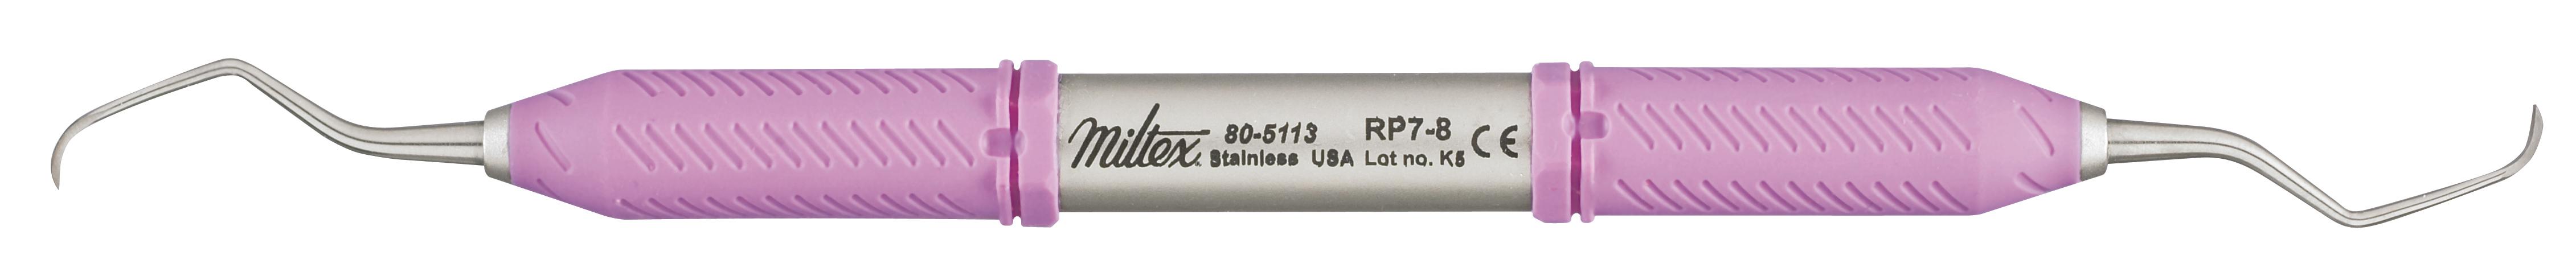 root-plane-curette-7-8-rigid-griplite-s6-80-5113-miltex.jpg